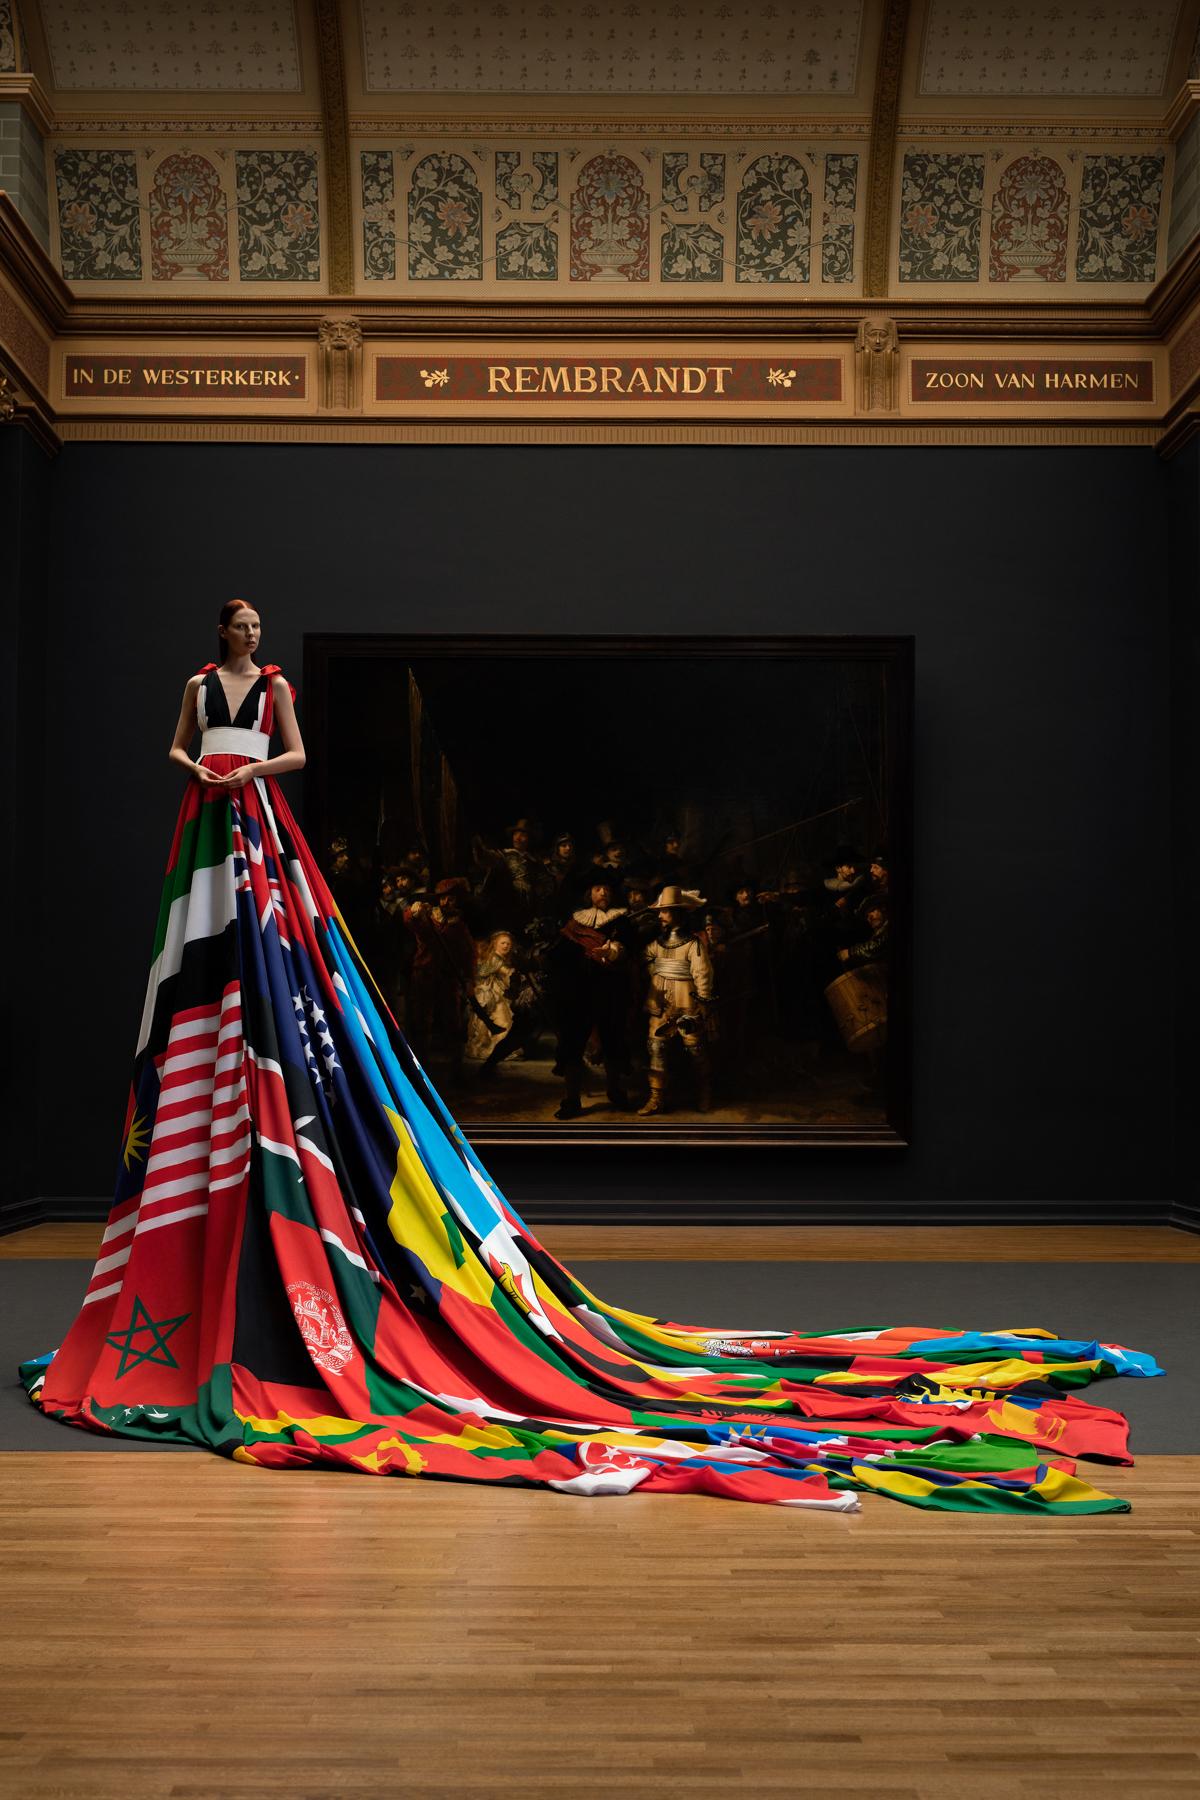 Rainbow-dress-Pieter-Henket-ONLINE